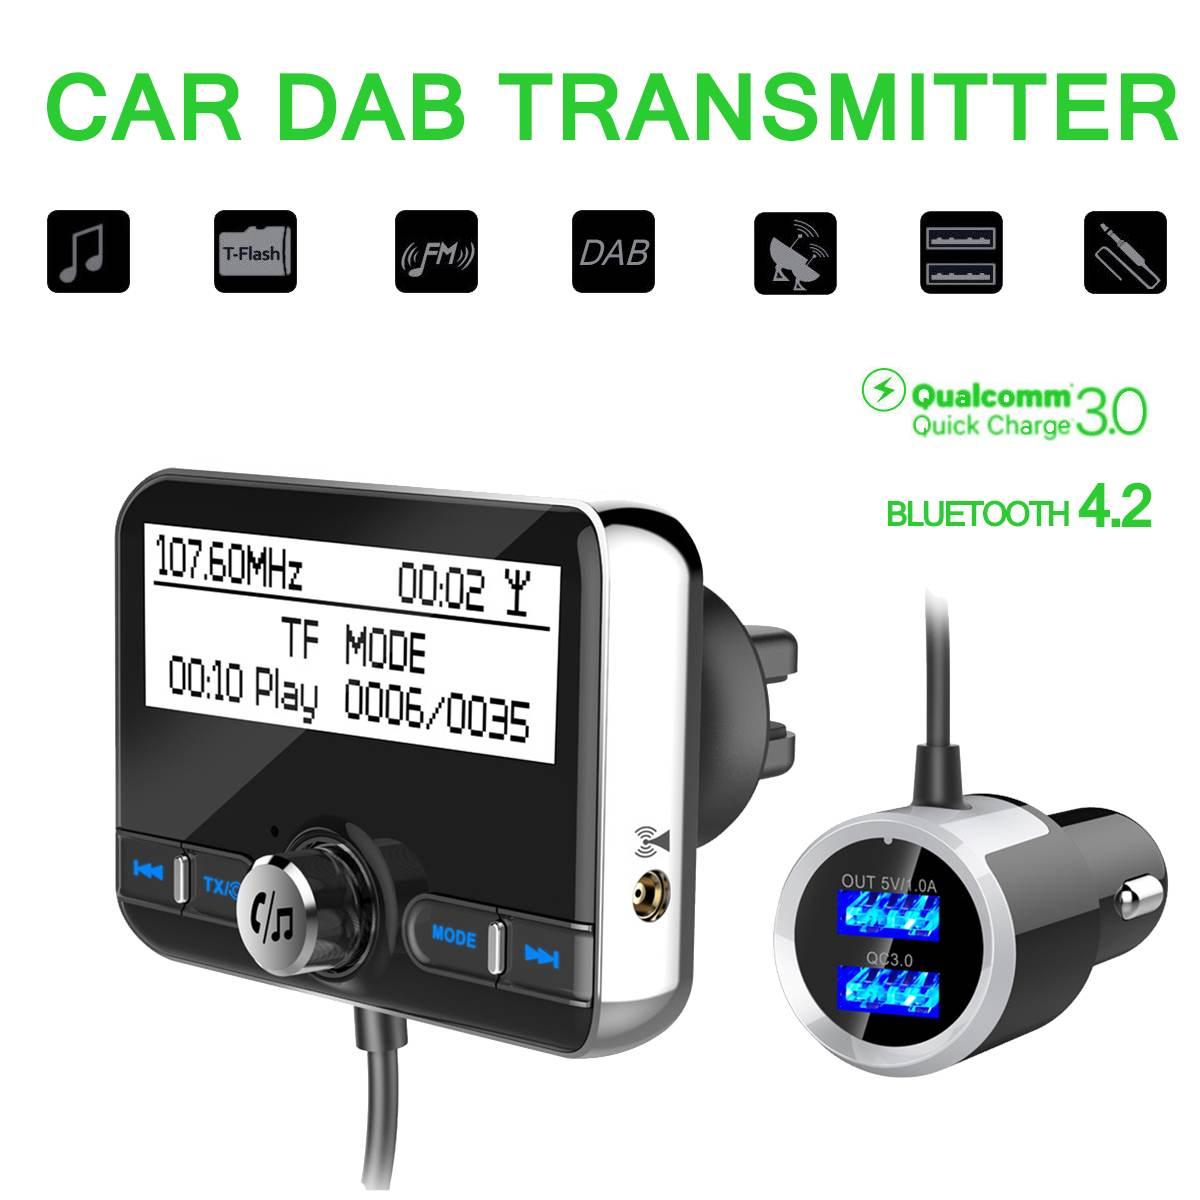 Multi-fonction voiture DAB récepteur Radio Tuner USB adaptateur bluetooth FM émetteur antenne LCD numérique Radio mains libres appel